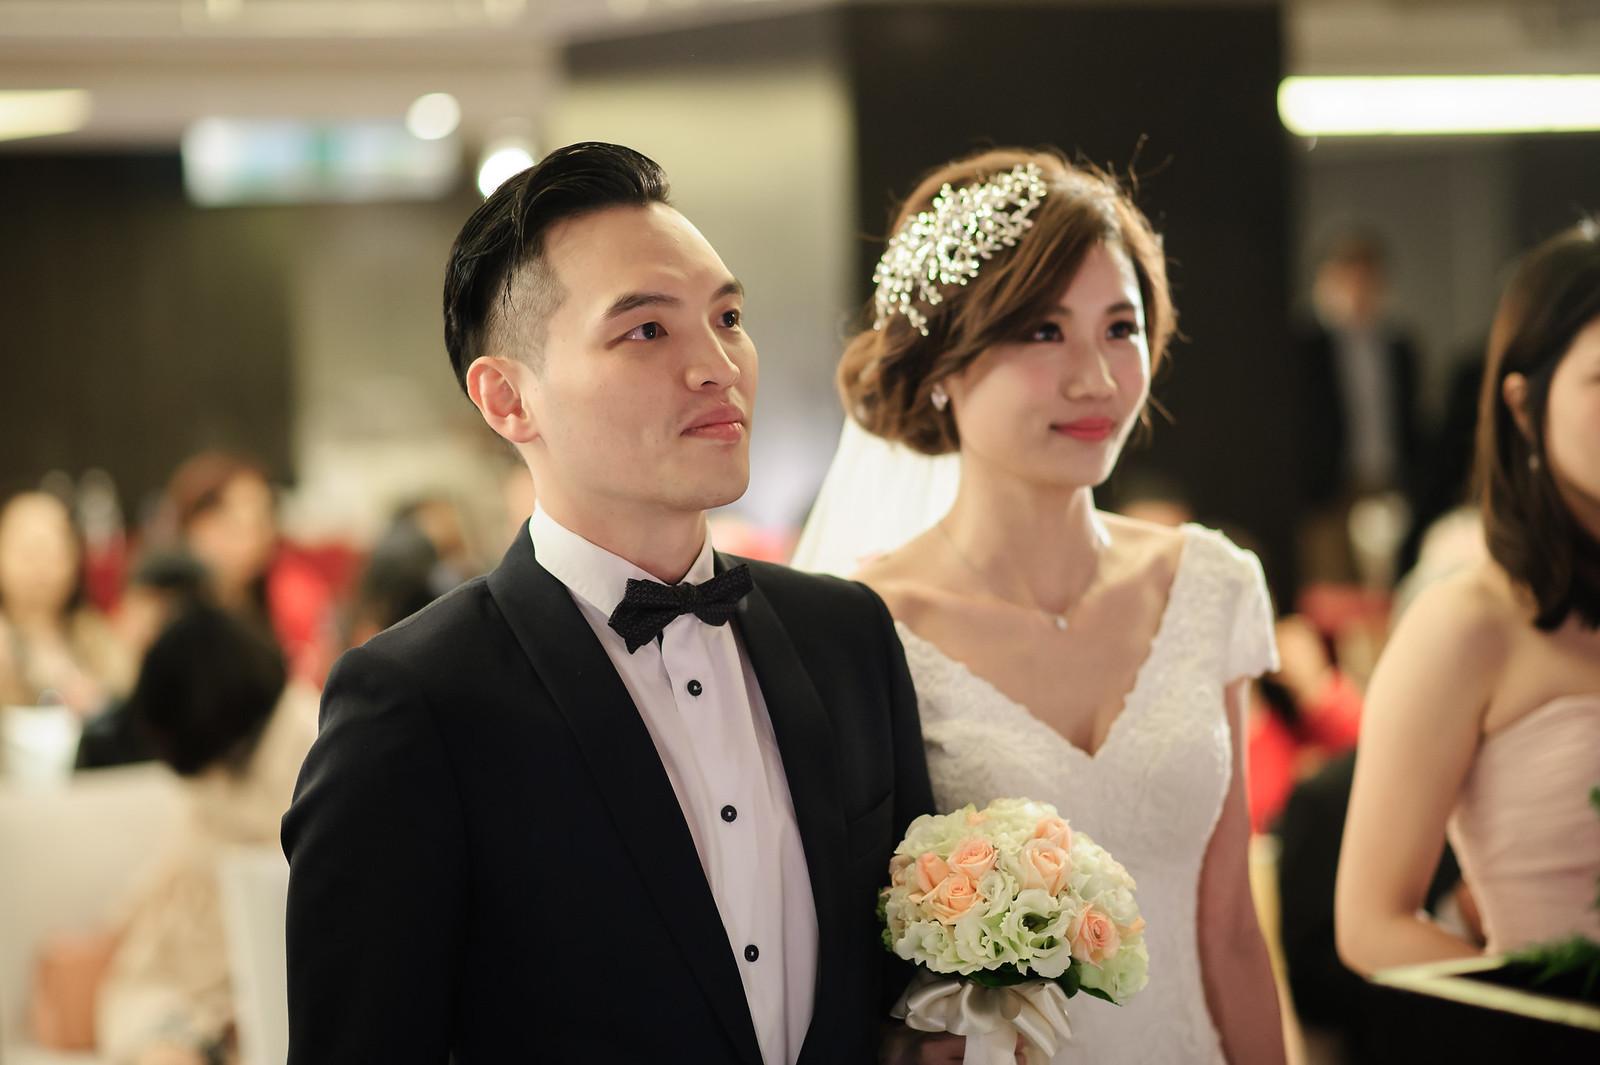 台北婚攝, 婚禮攝影, 婚攝, 婚攝守恆, 婚攝推薦, 晶華酒店, 晶華酒店婚宴, 晶華酒店婚攝-32